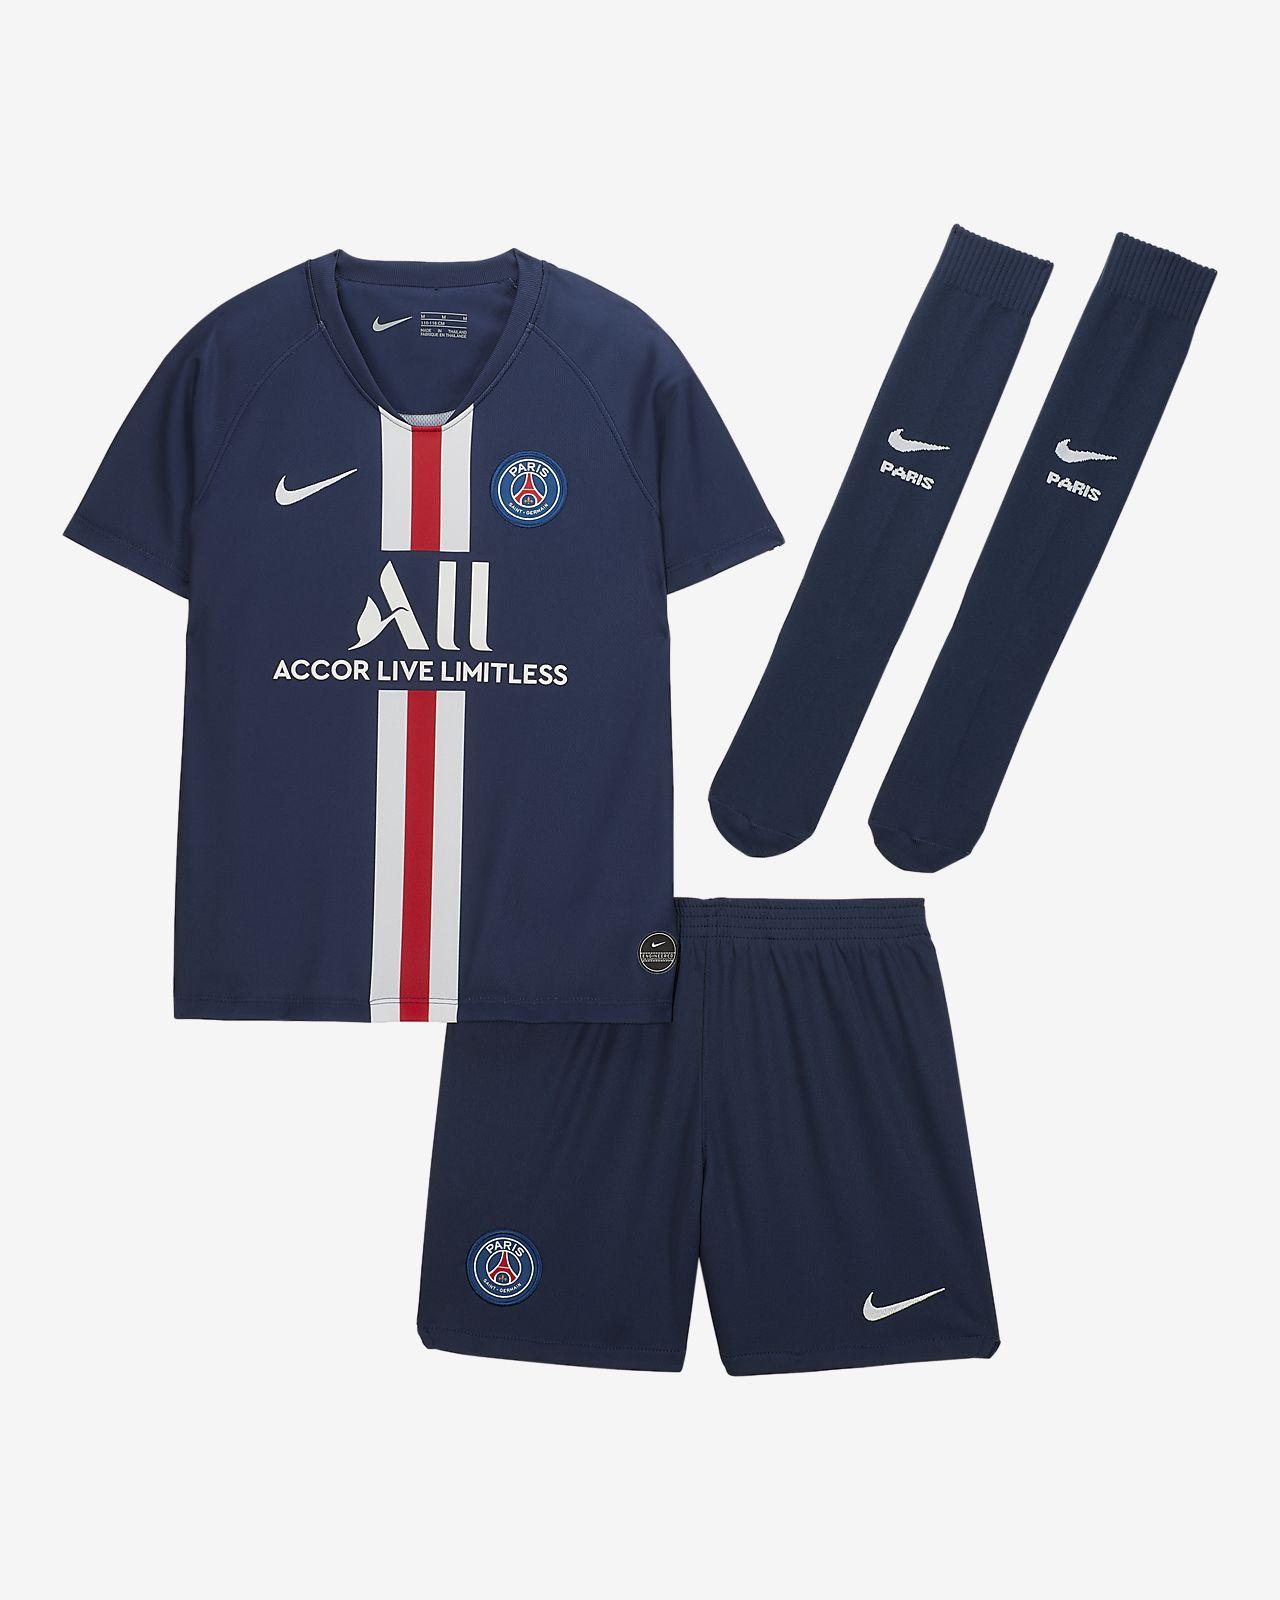 Paris Saint-Germain 2019/20 Home fotballsett til små barn